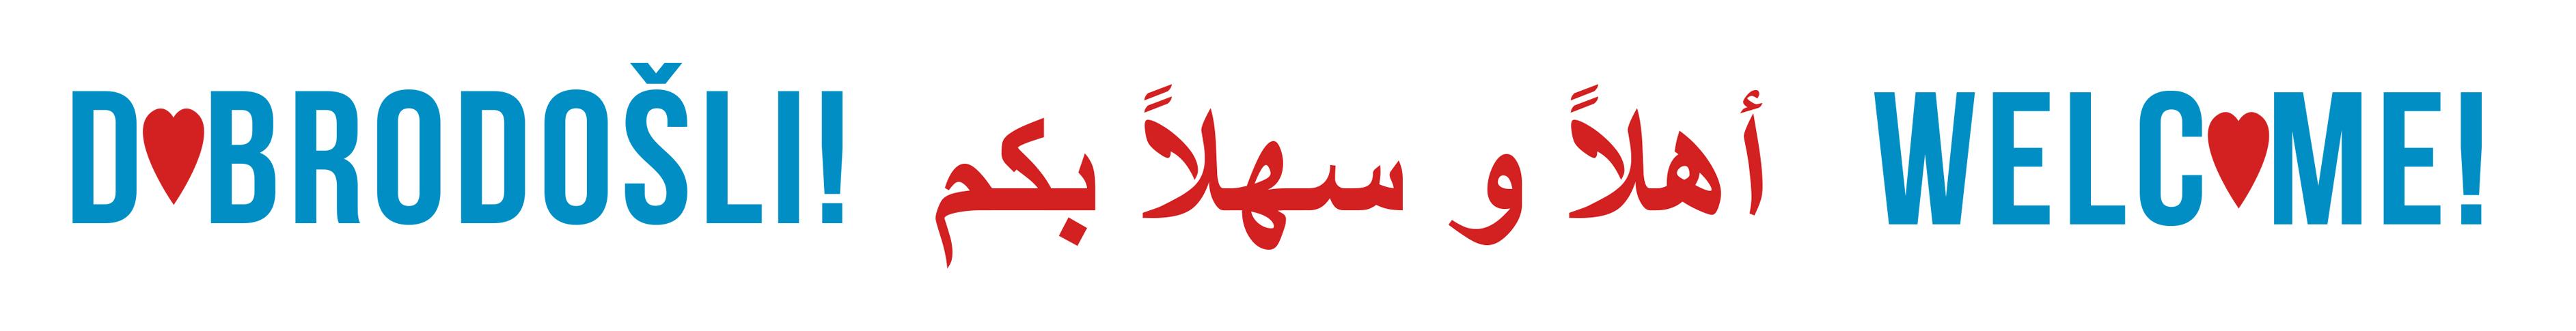 Dobrodošli logo